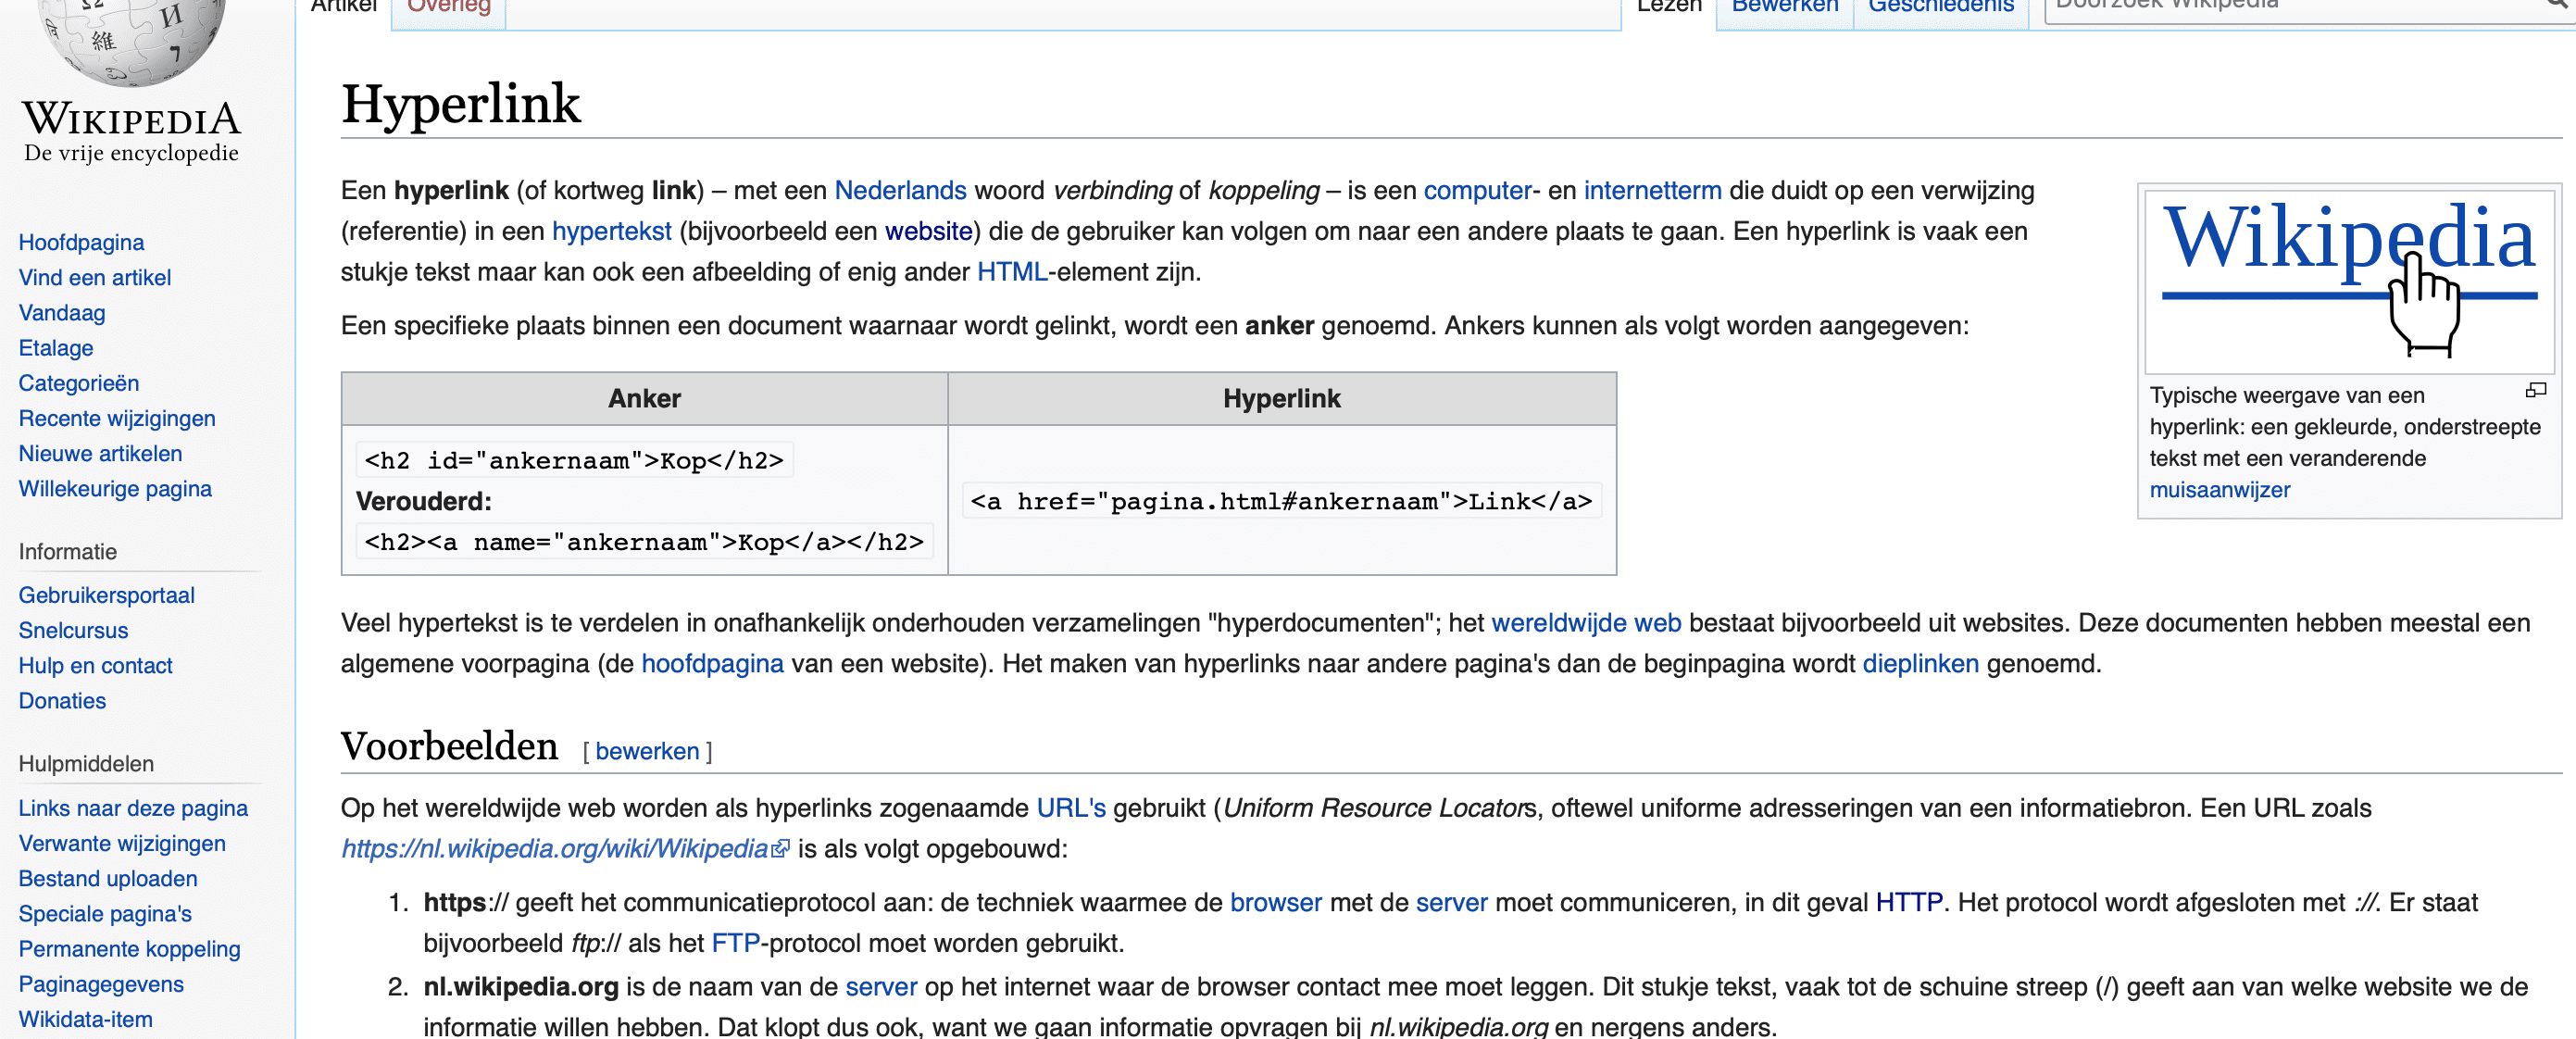 Voorbeelden van links op de website van Wikipedia